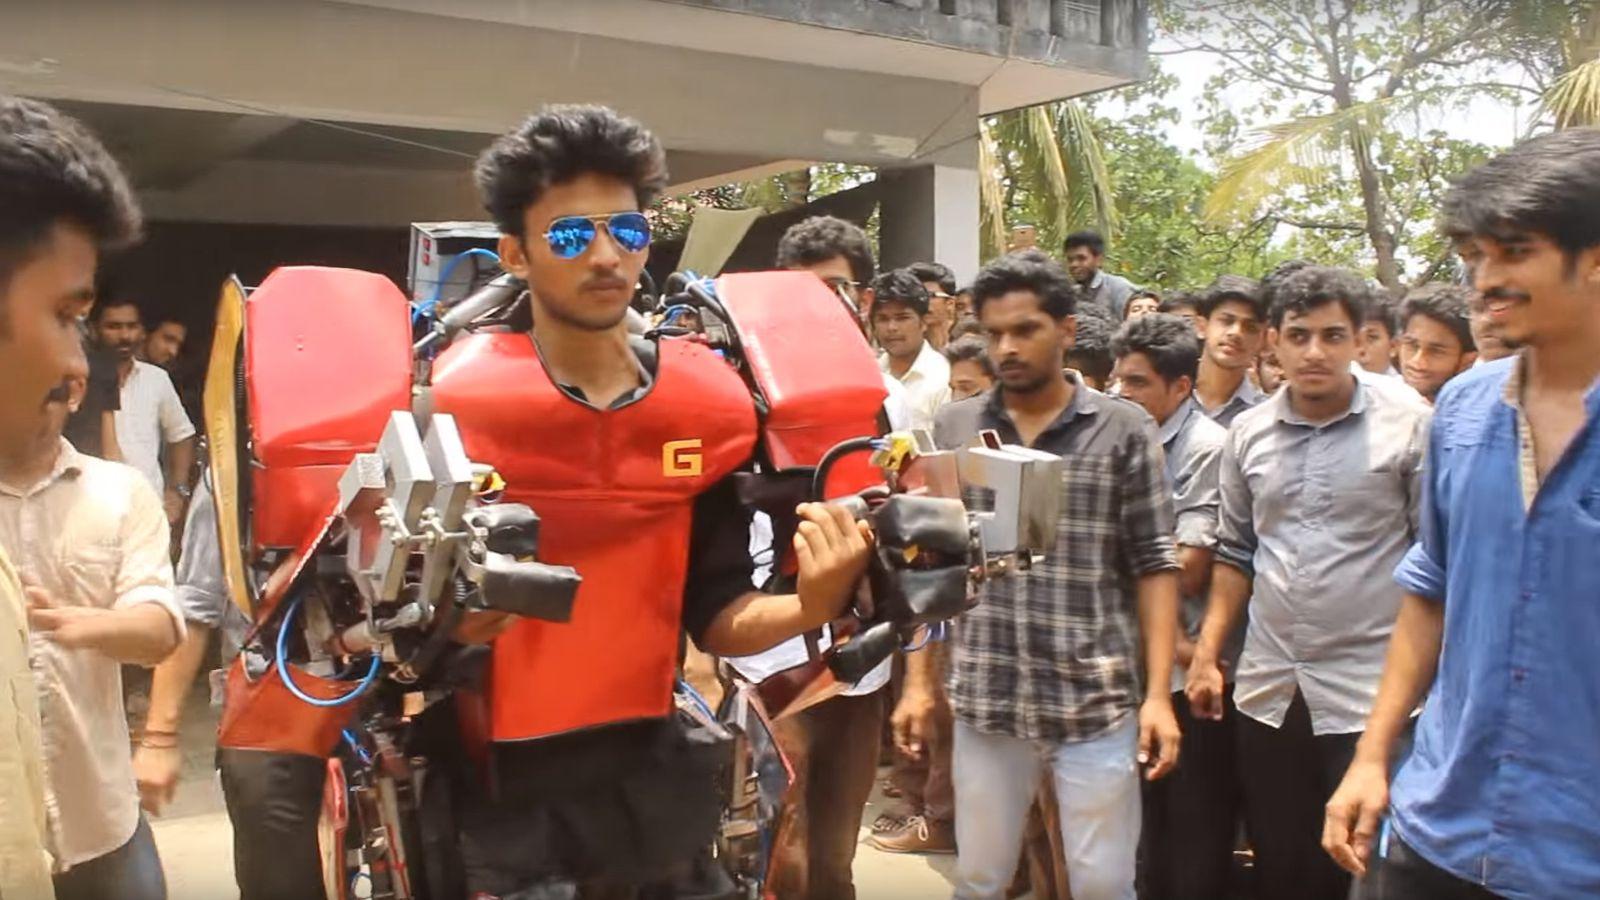 印度学生也开挂 现实版钢铁侠便宜又好用